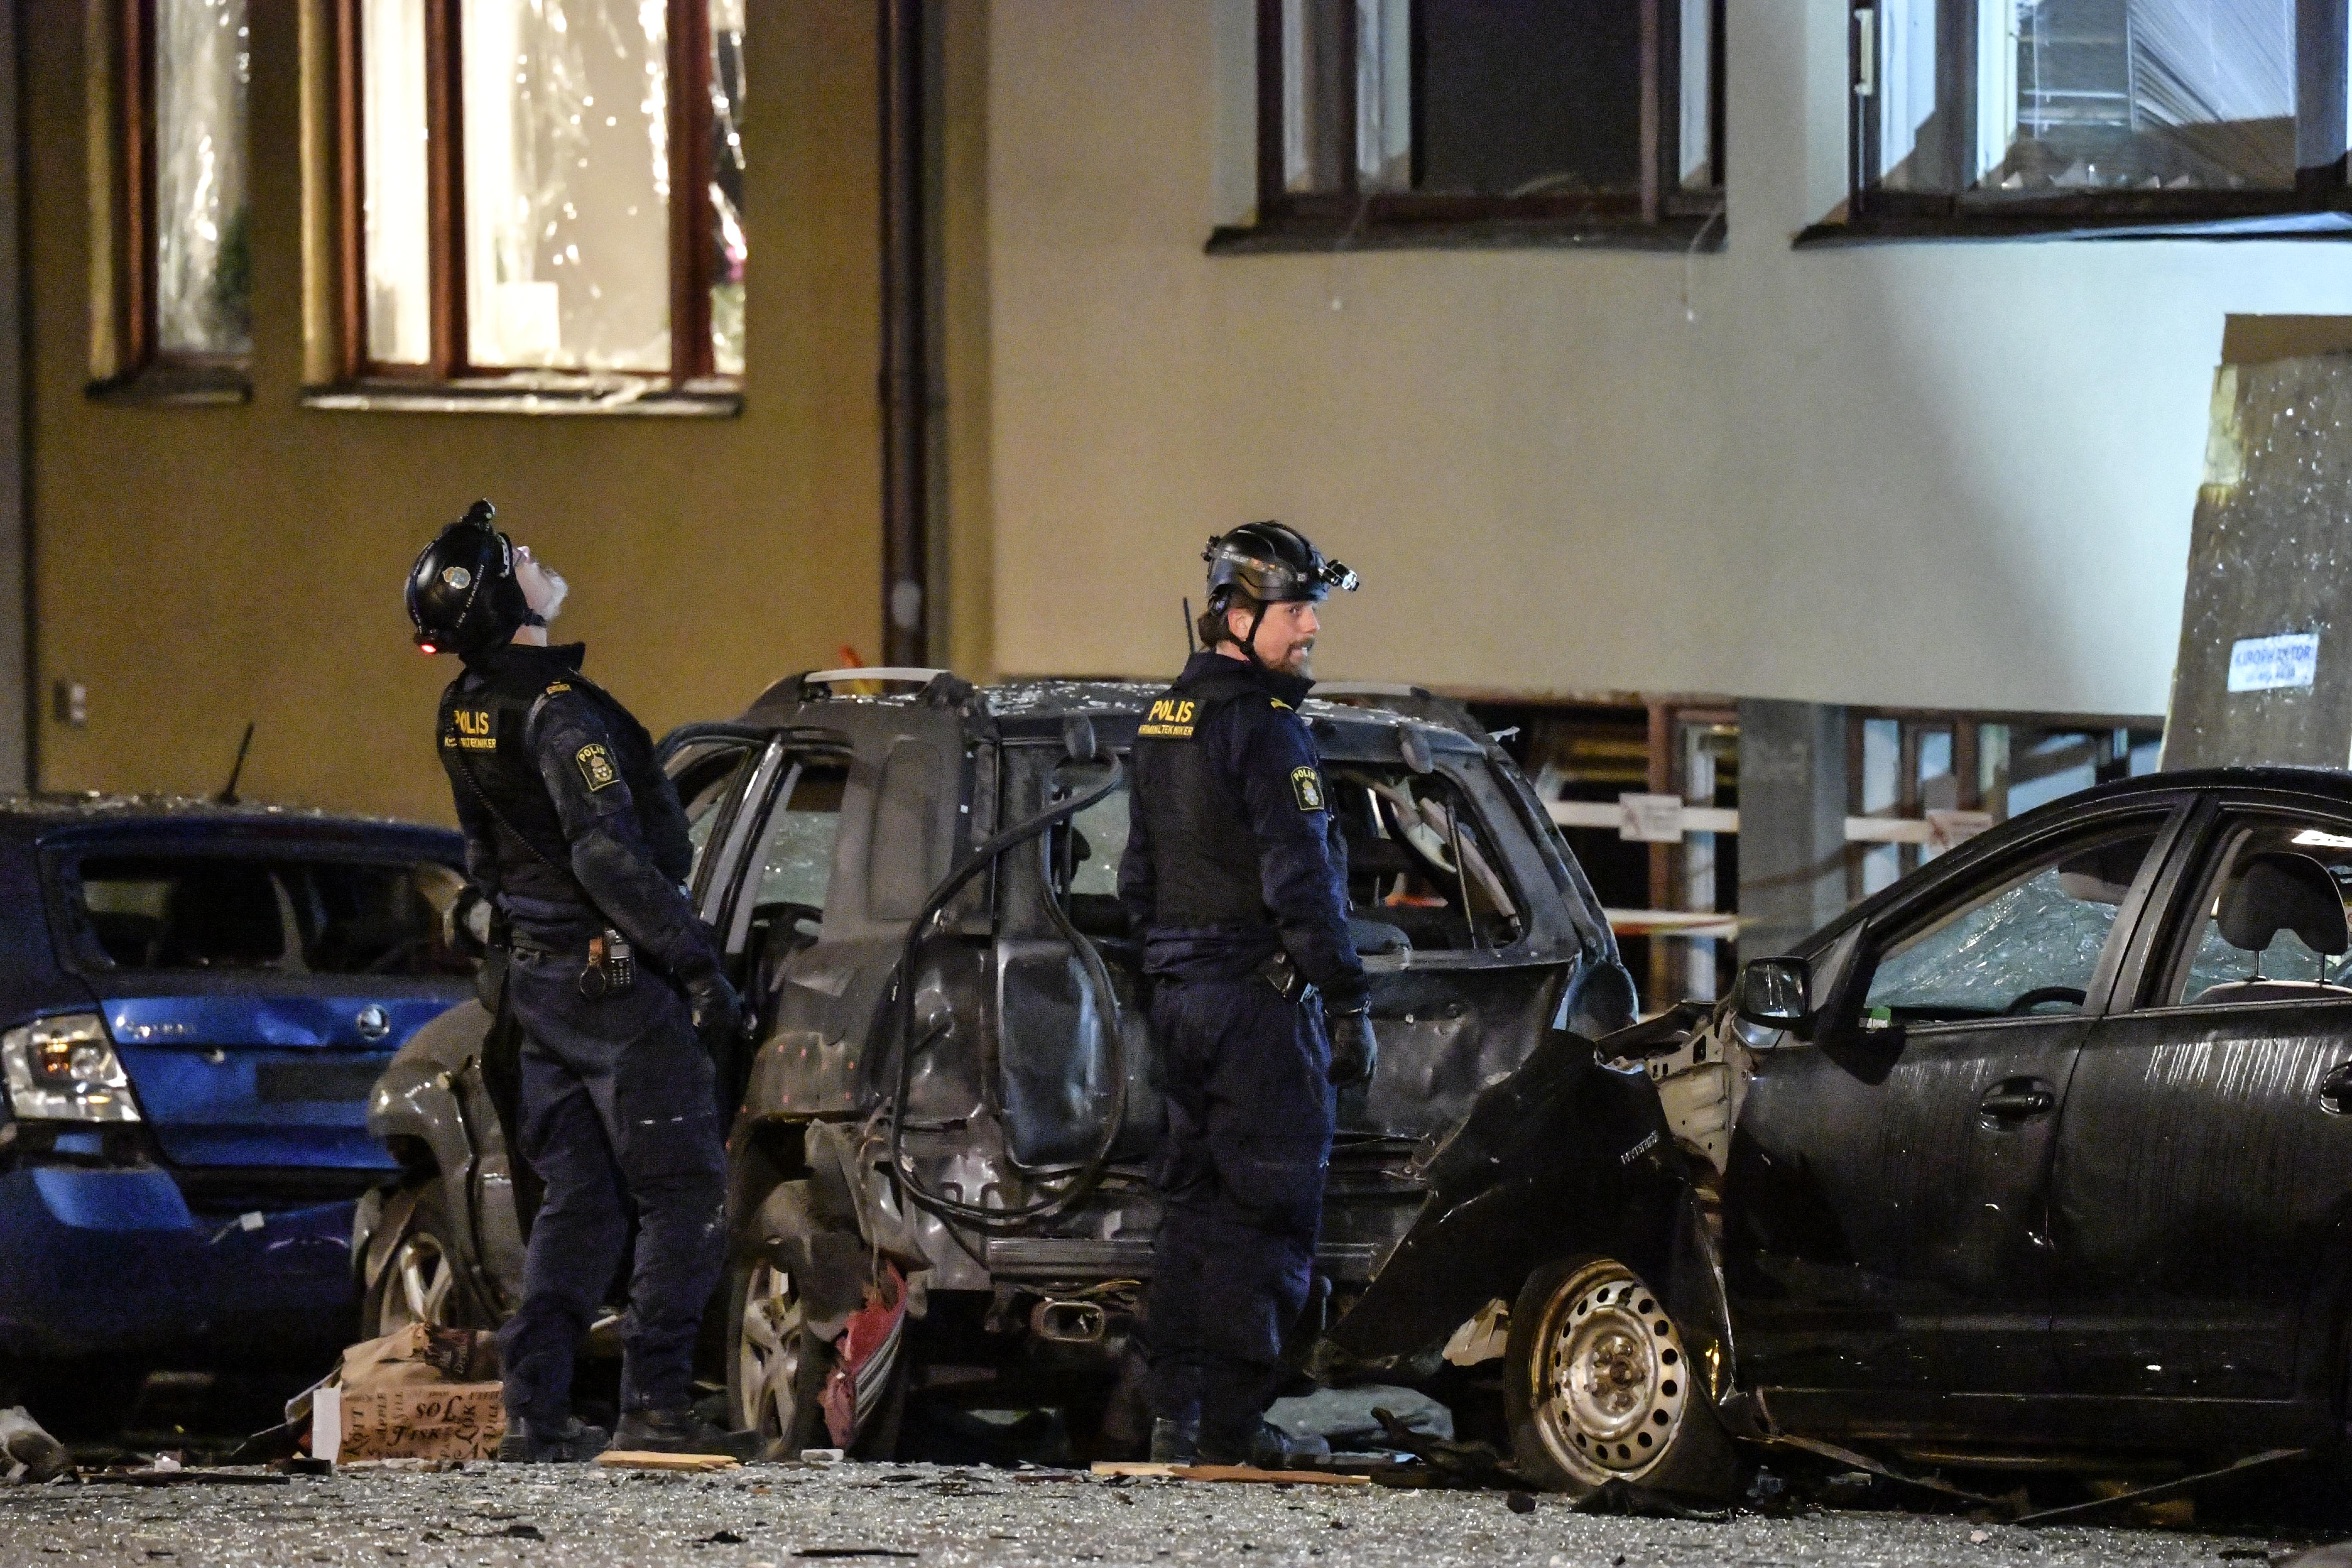 60 százalékkal nőtt a robbantások száma Svédországban 2019-ben